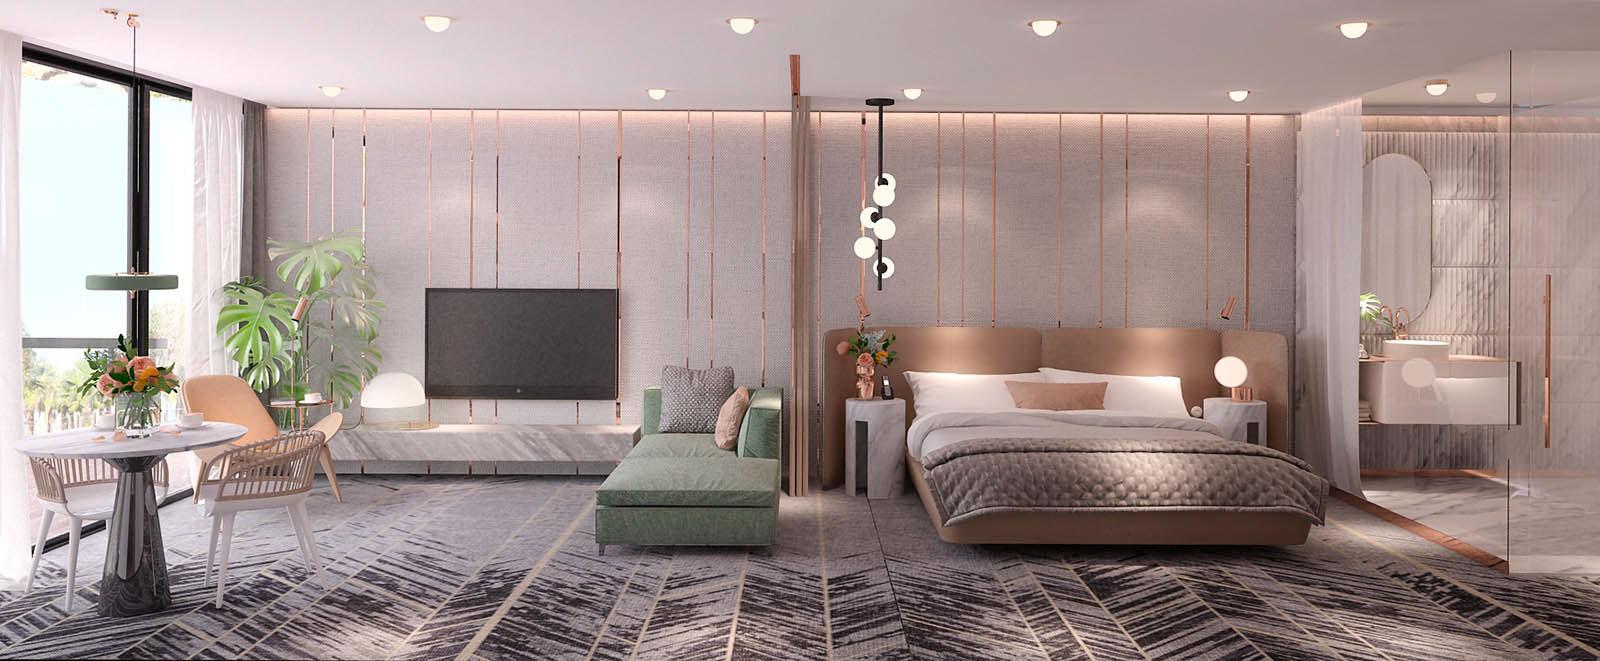 lounge-slaapkamer-combinatie